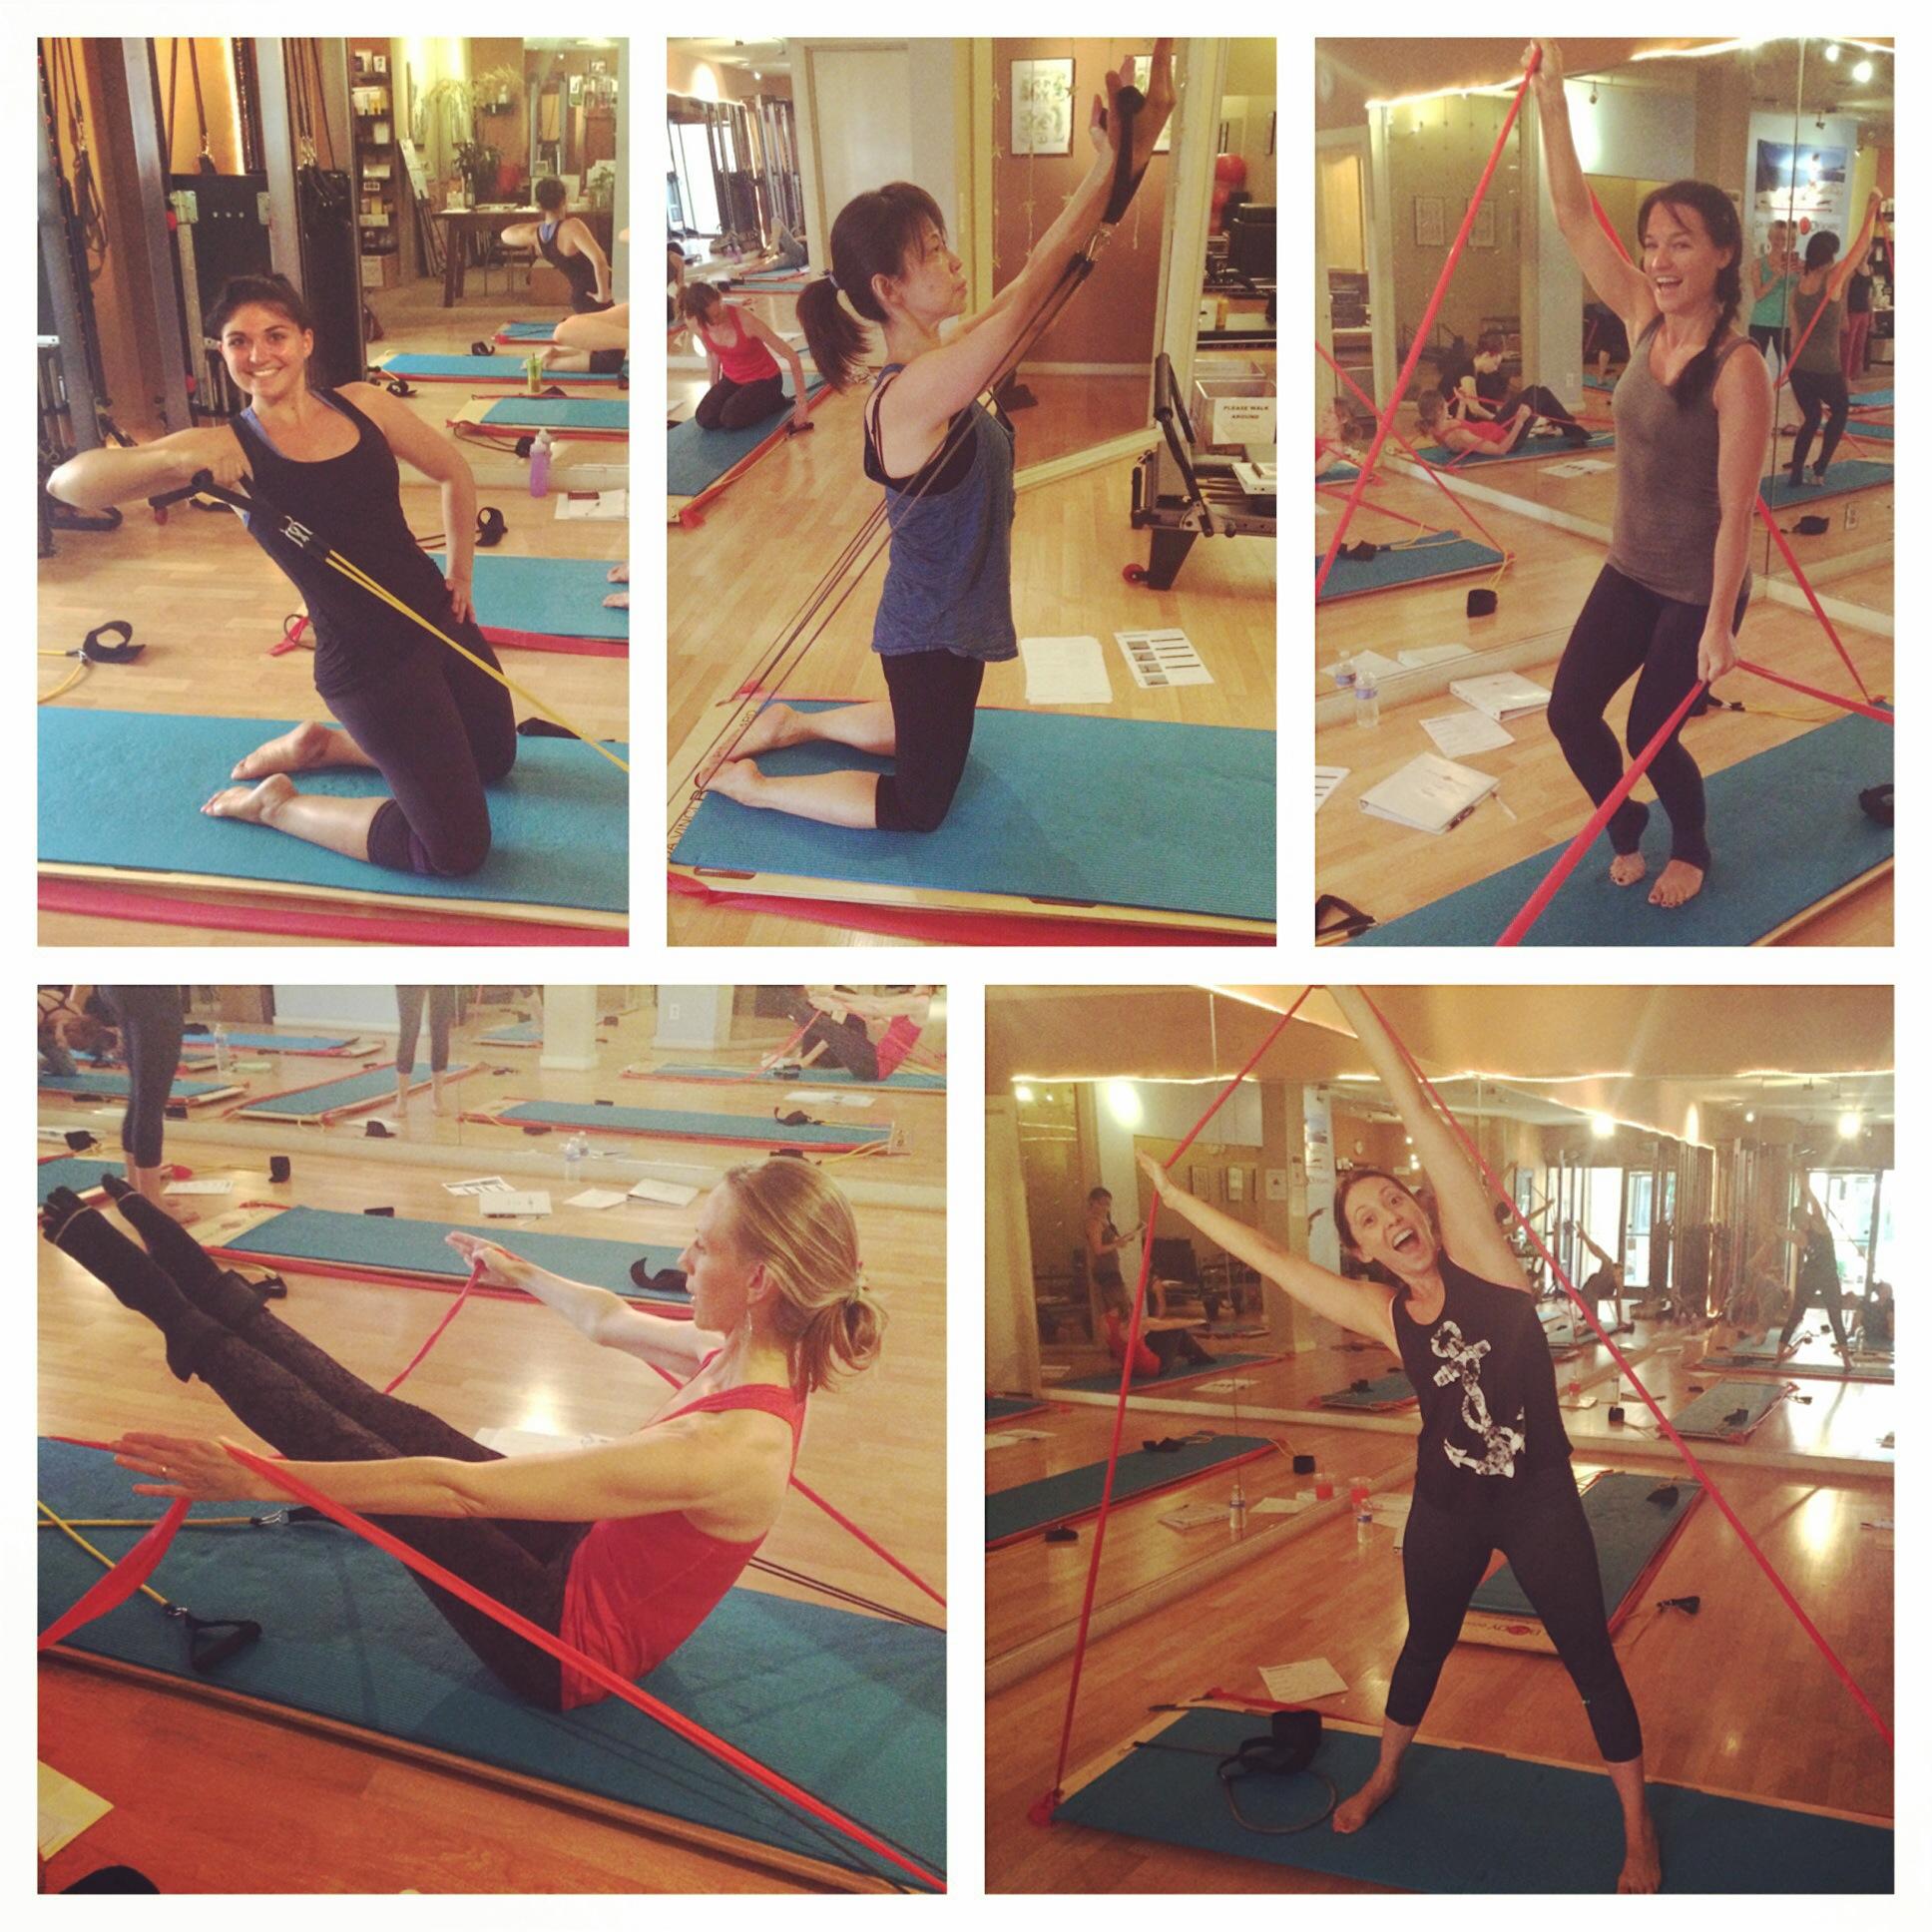 Da Vinci BodyBoard Cardio Workout